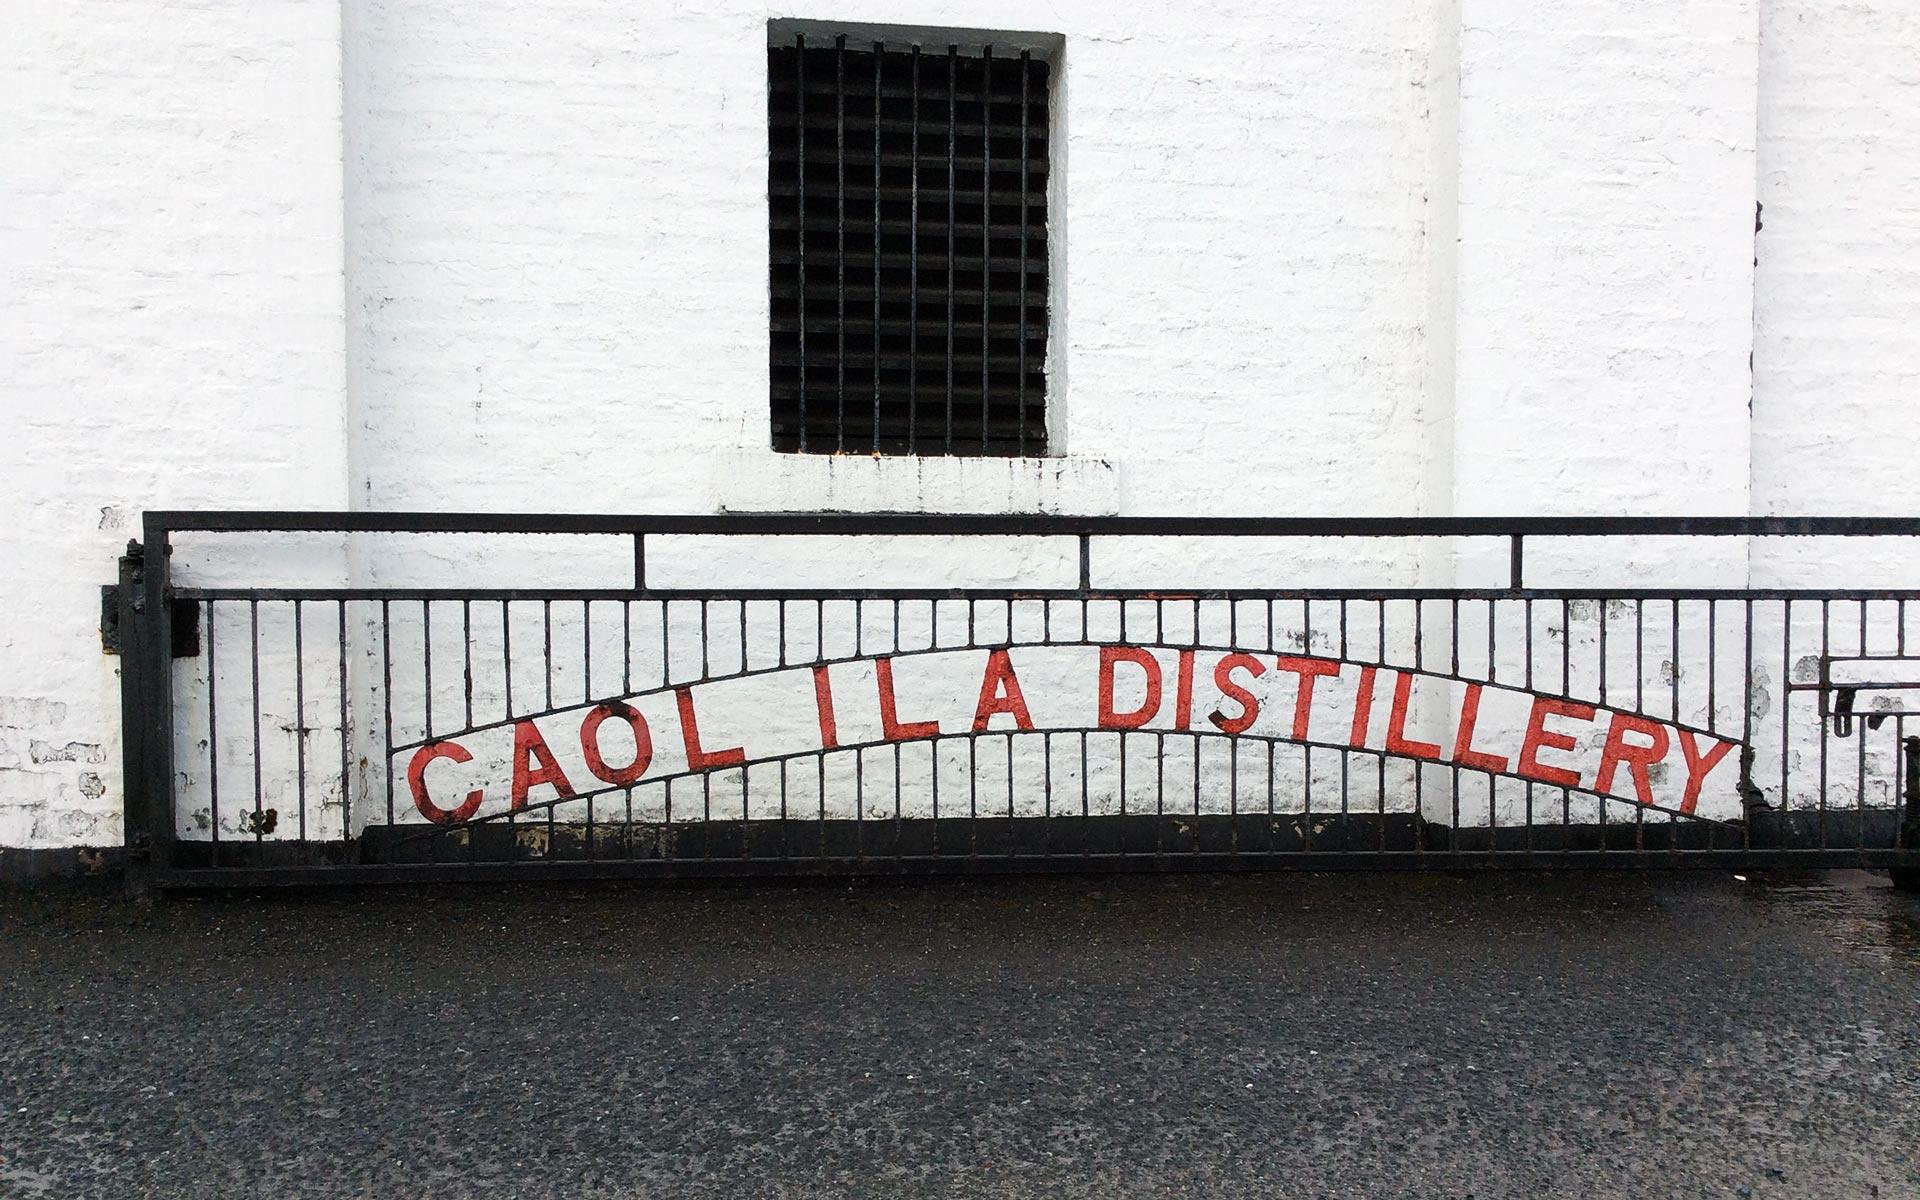 Auch am markanten Destillerie-Tor von Caol Ila hat die Witterung ihre Spuren hinterlassen (Foto: Malt Whisky)